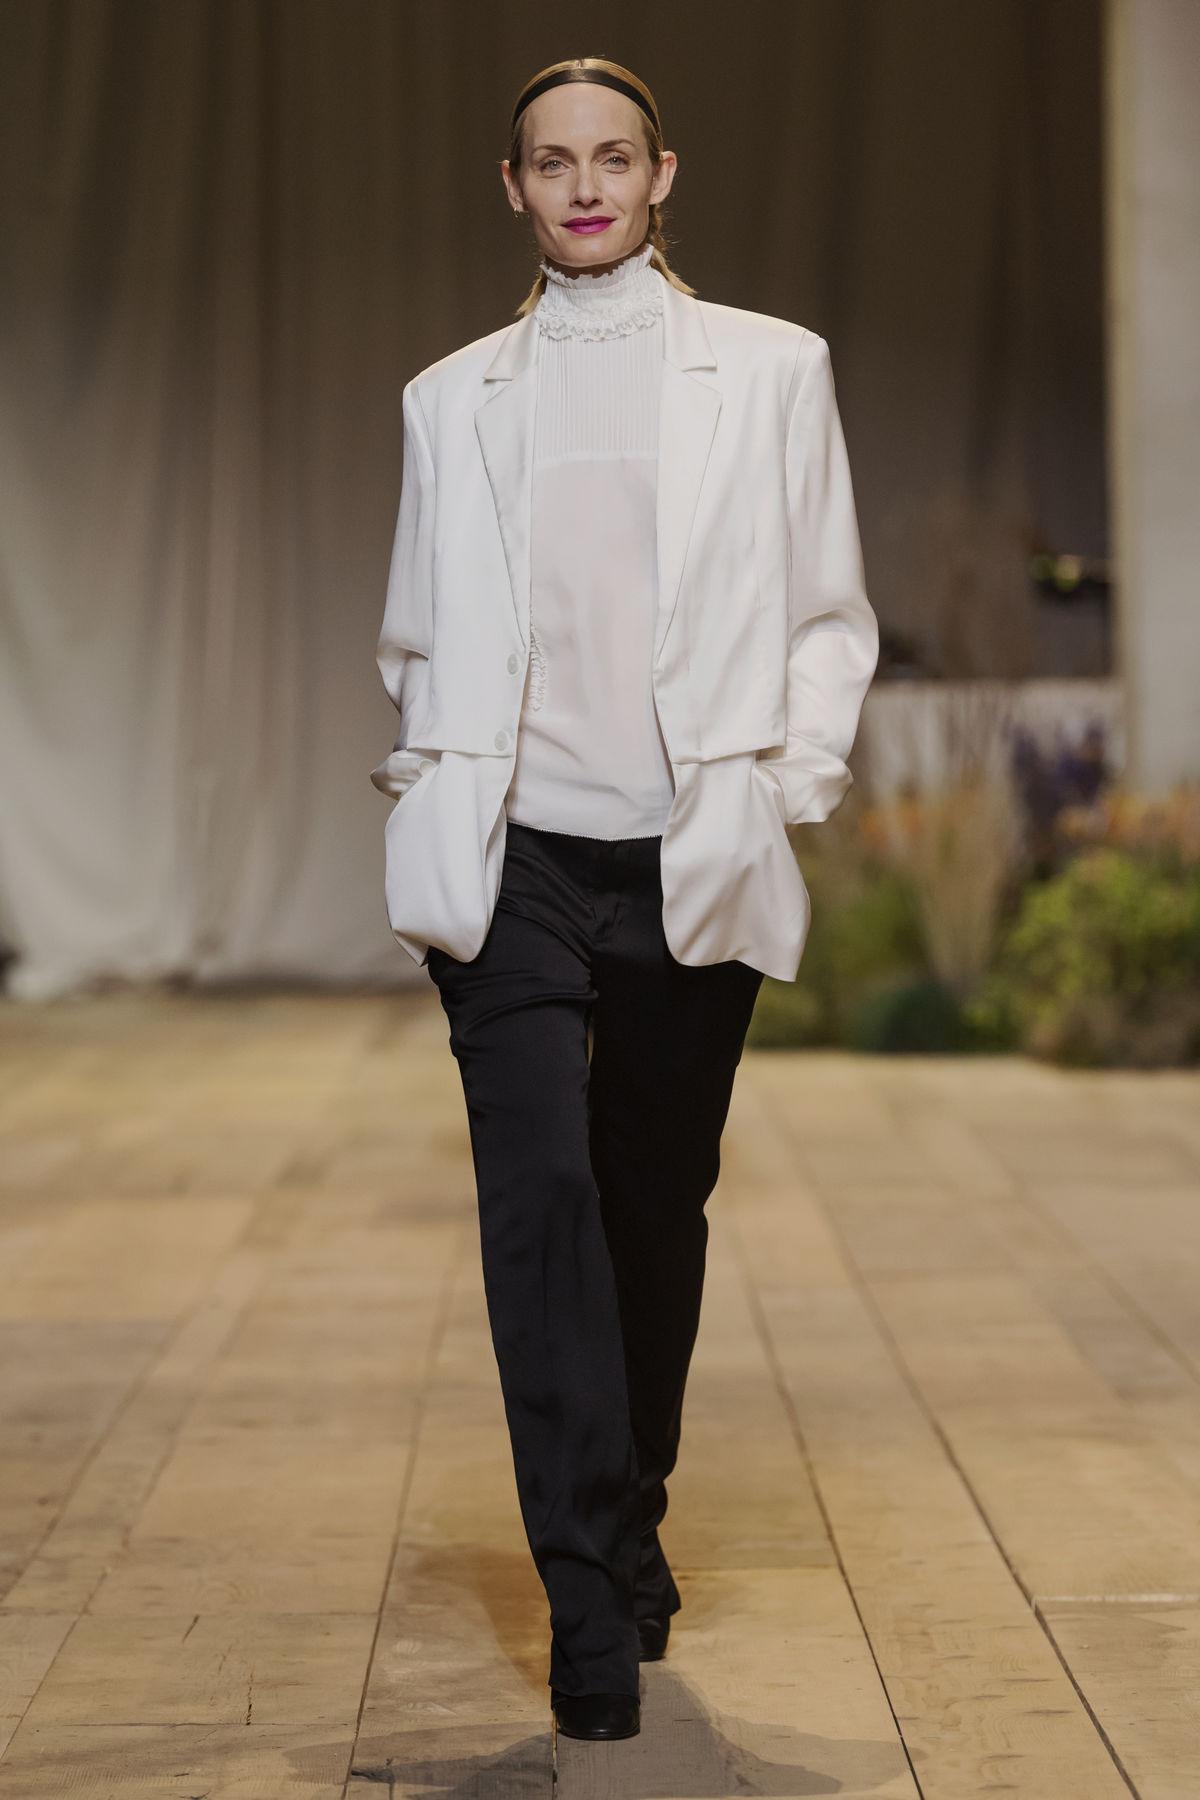 Modelka Alber Valetta  v šatách z kolekcie H&M Studio Jar-Leto 2017 v Paríži.